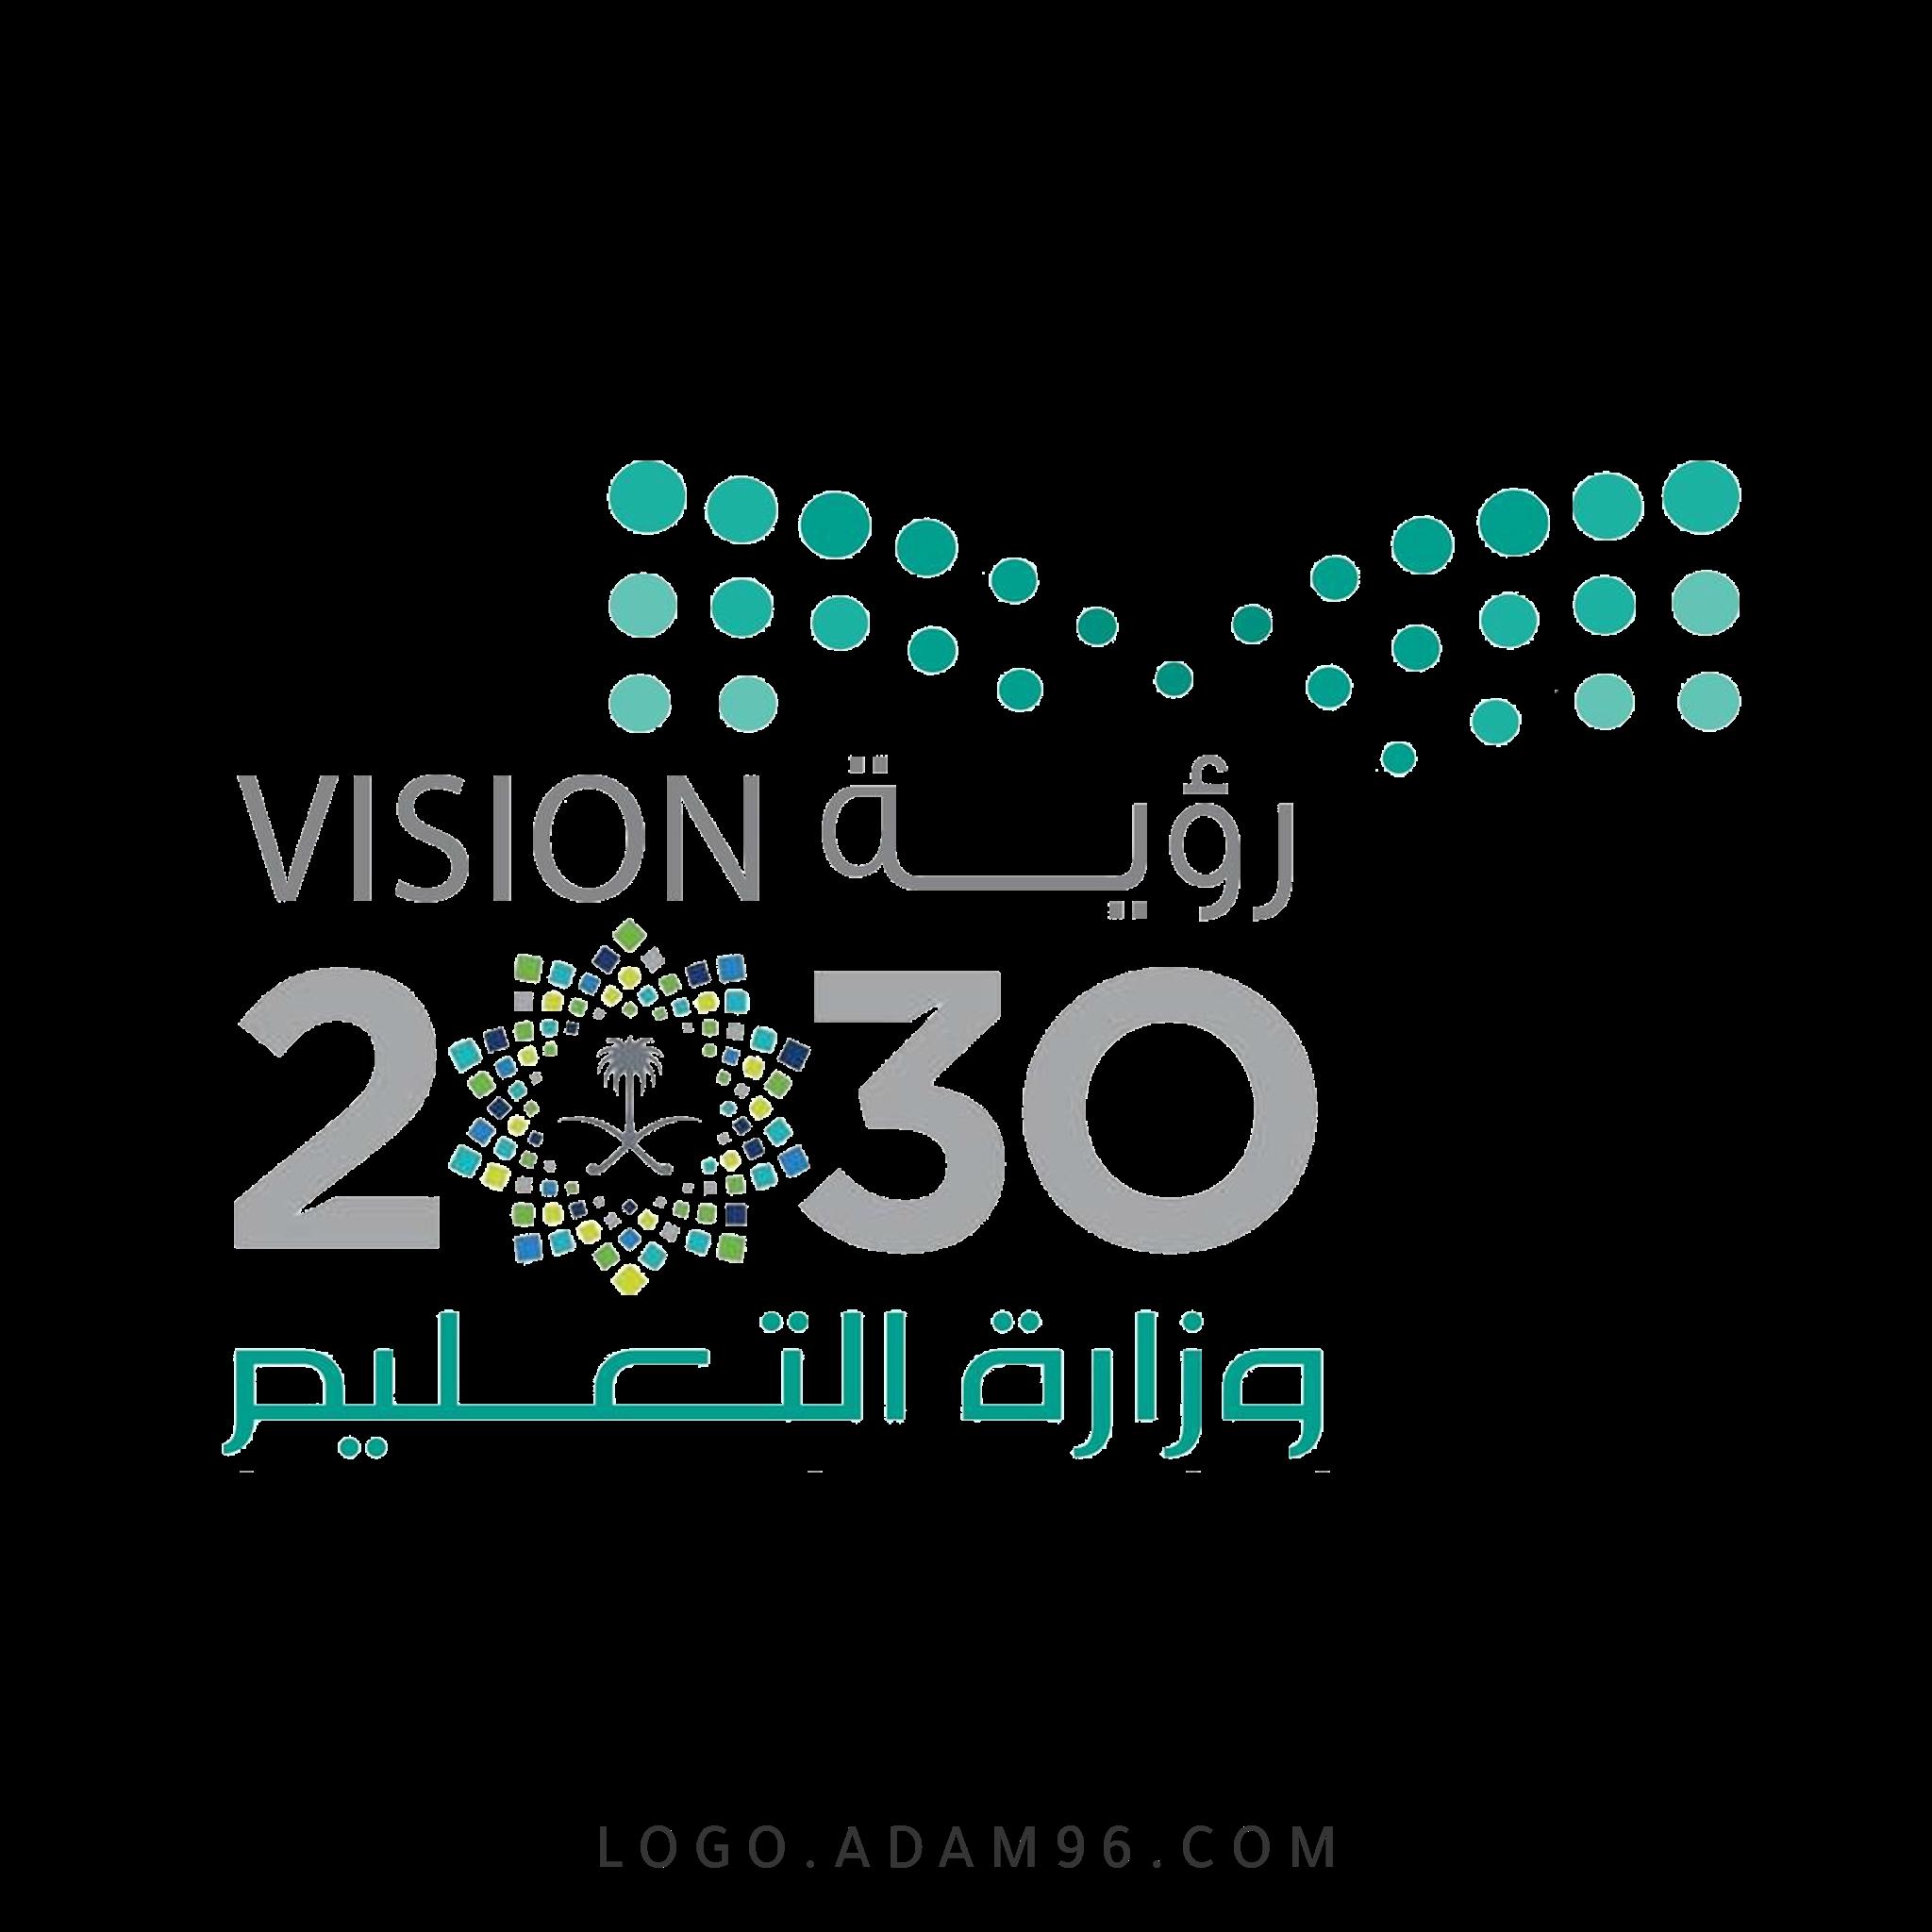 تحميل شعار وزارة التعليم السعودي مع الرؤية 2030 زيادة